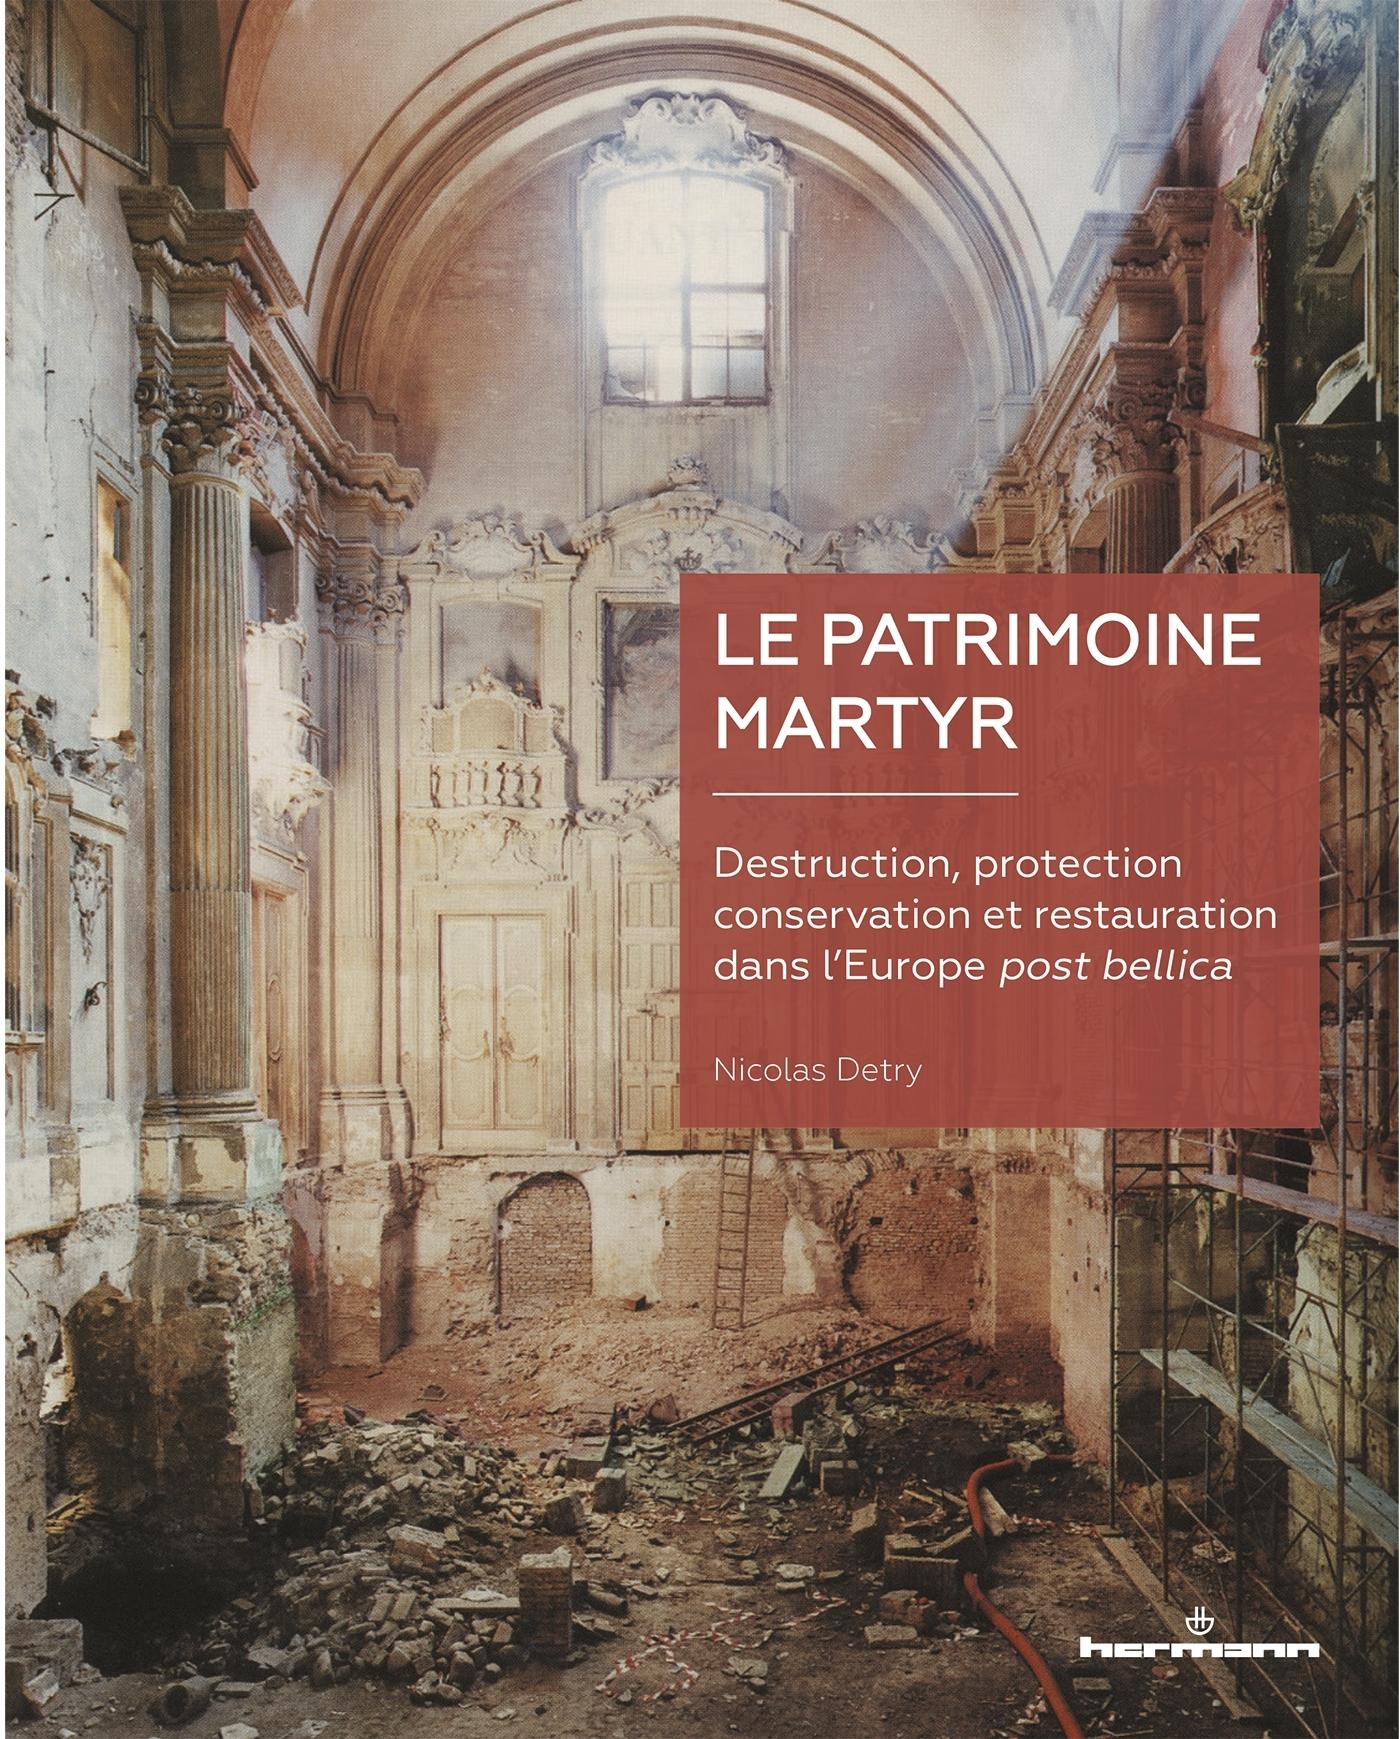 LE PATRIMOINE MARTYR - DESTRUCTION, PROTECTION, CONSERVATION ET RESTAURATION DANS L'EUROPE POST BELL